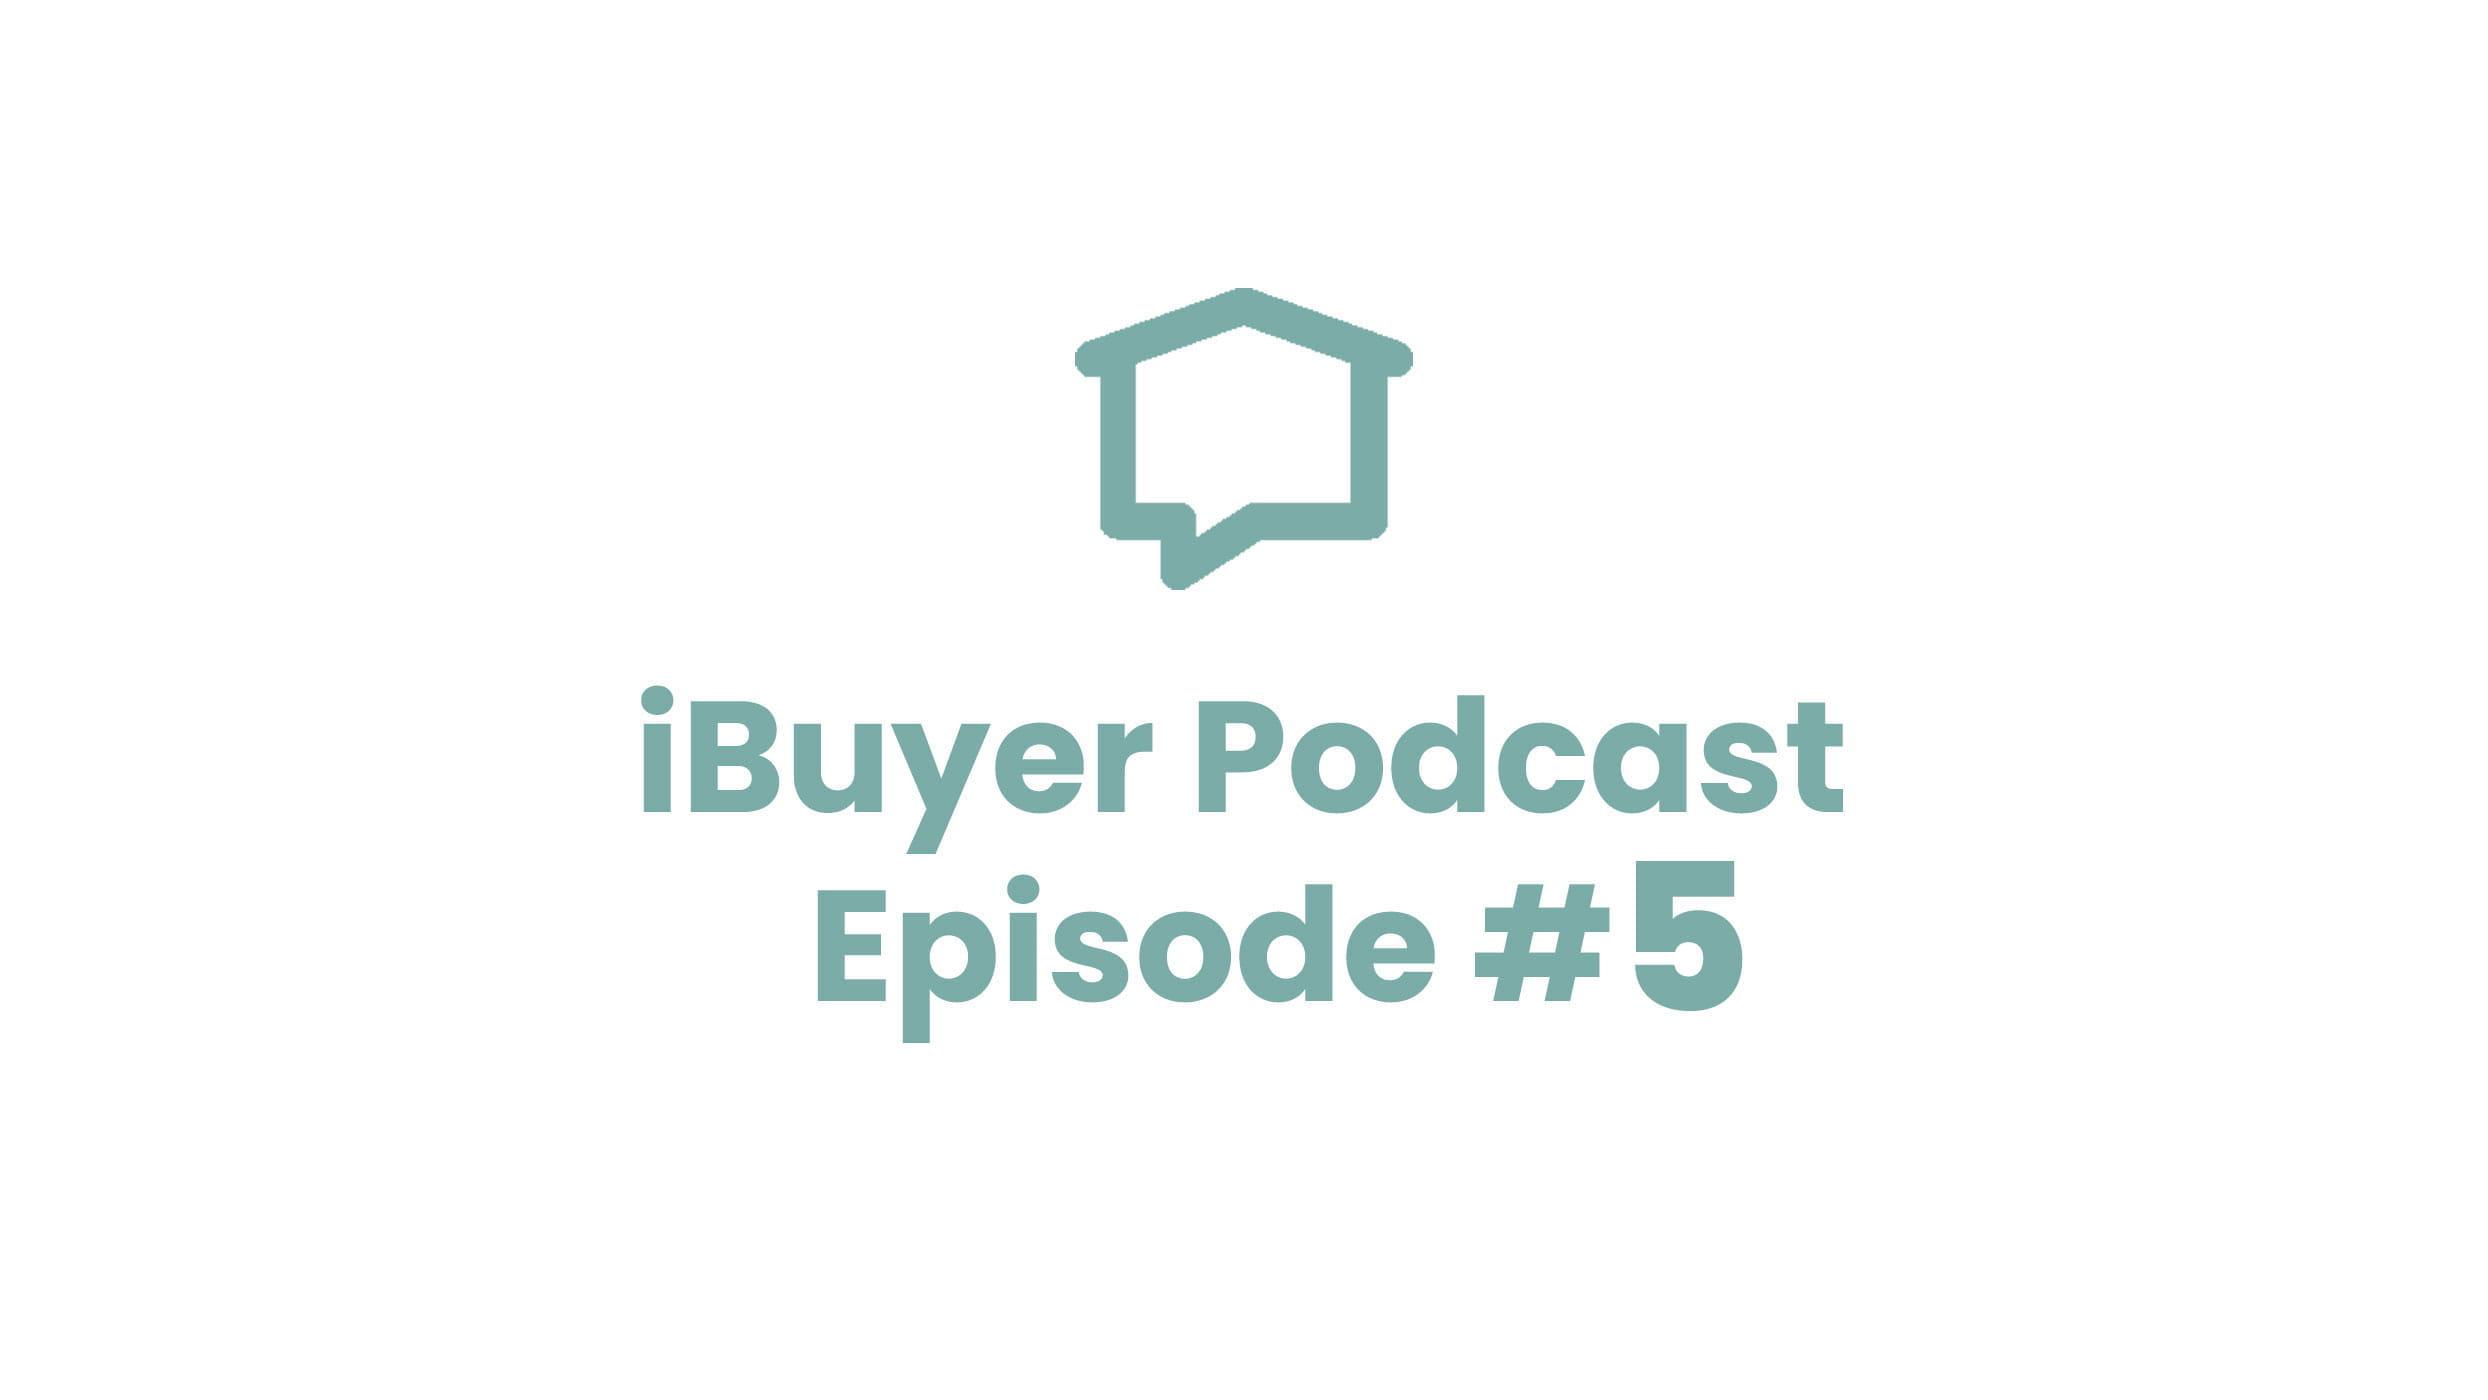 The Orlando iBuyer Market [Podcast Episode 5]